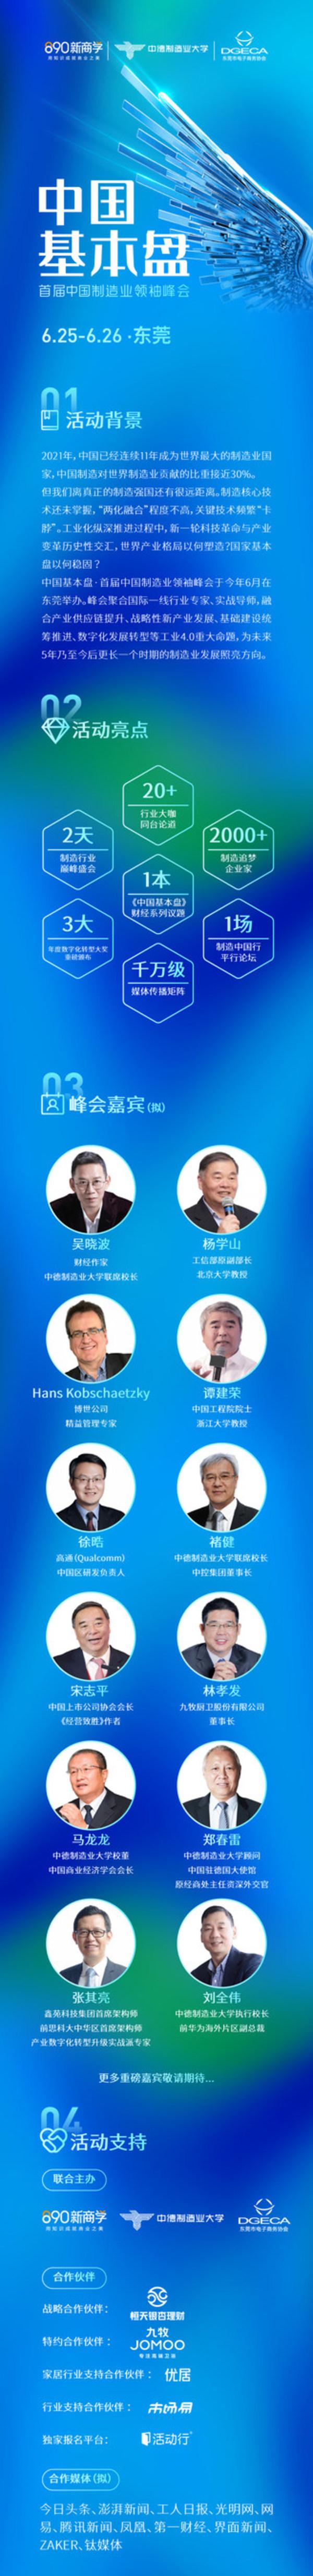 首届中国制造业领袖峰会详情